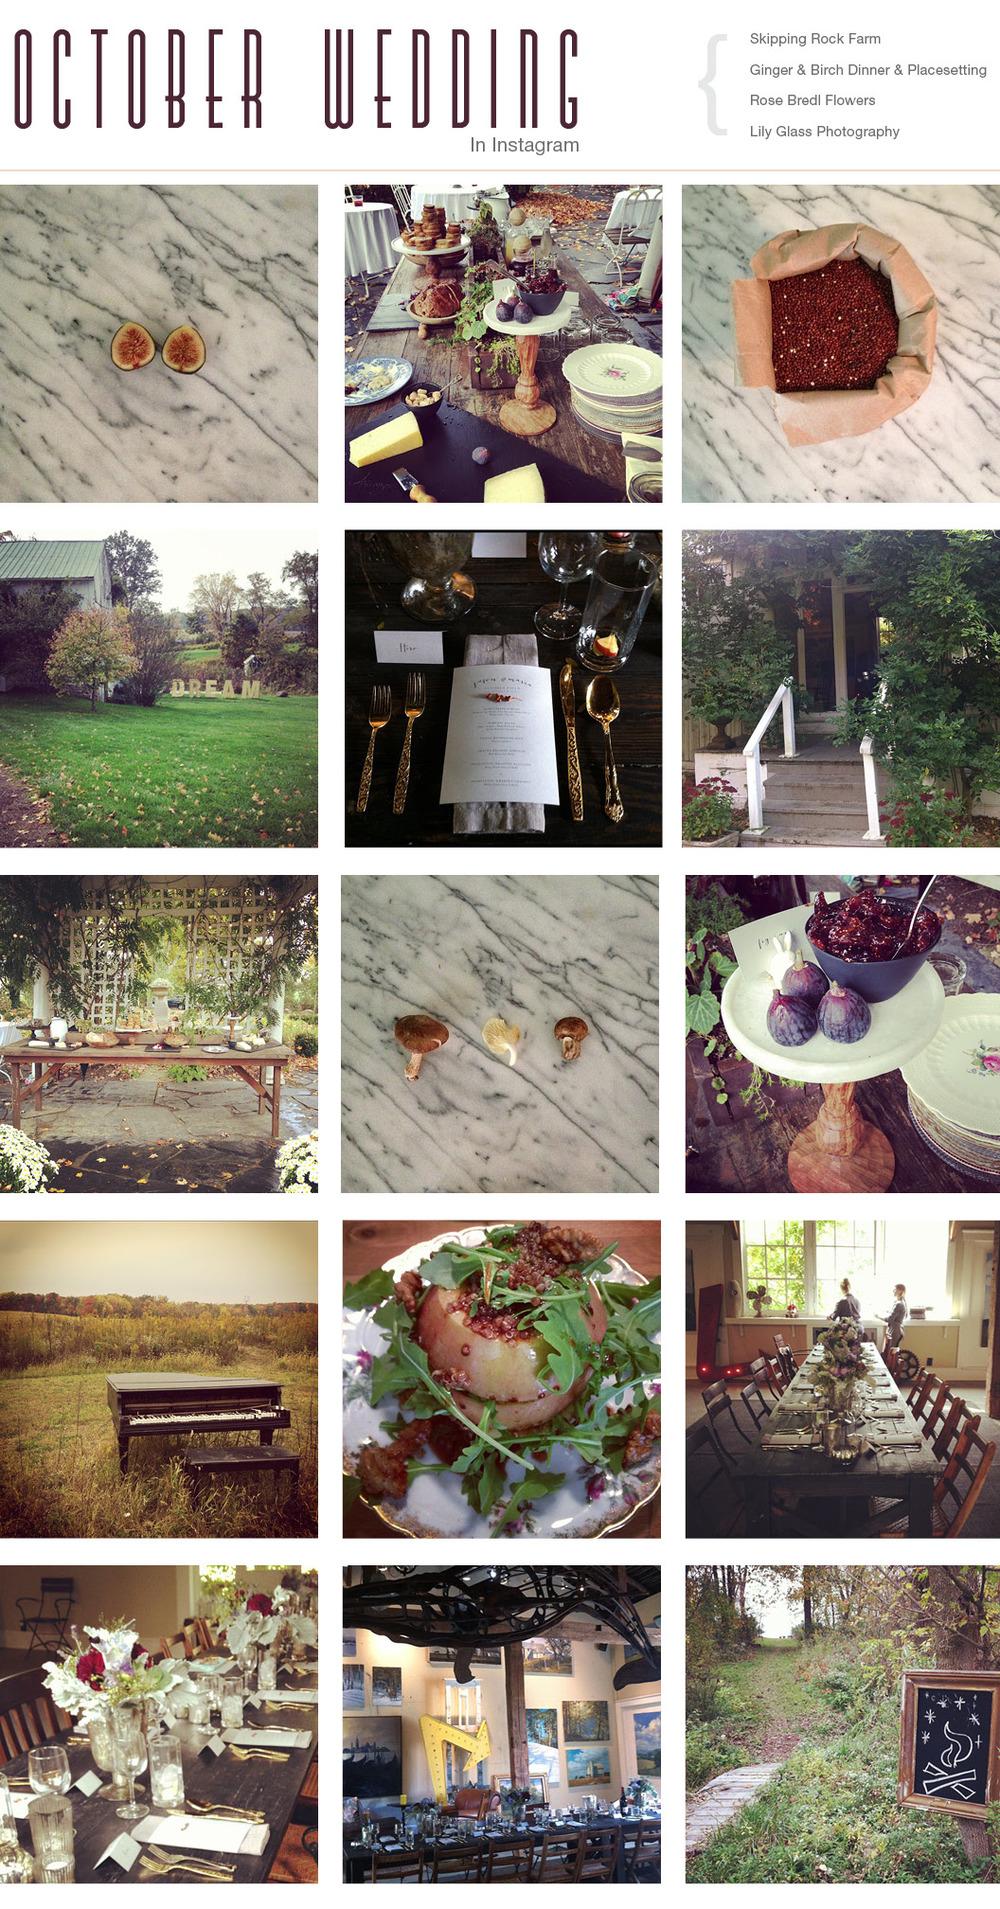 images from Whitney Lowdermilk/Karen Lowdermilk /ginger&birch